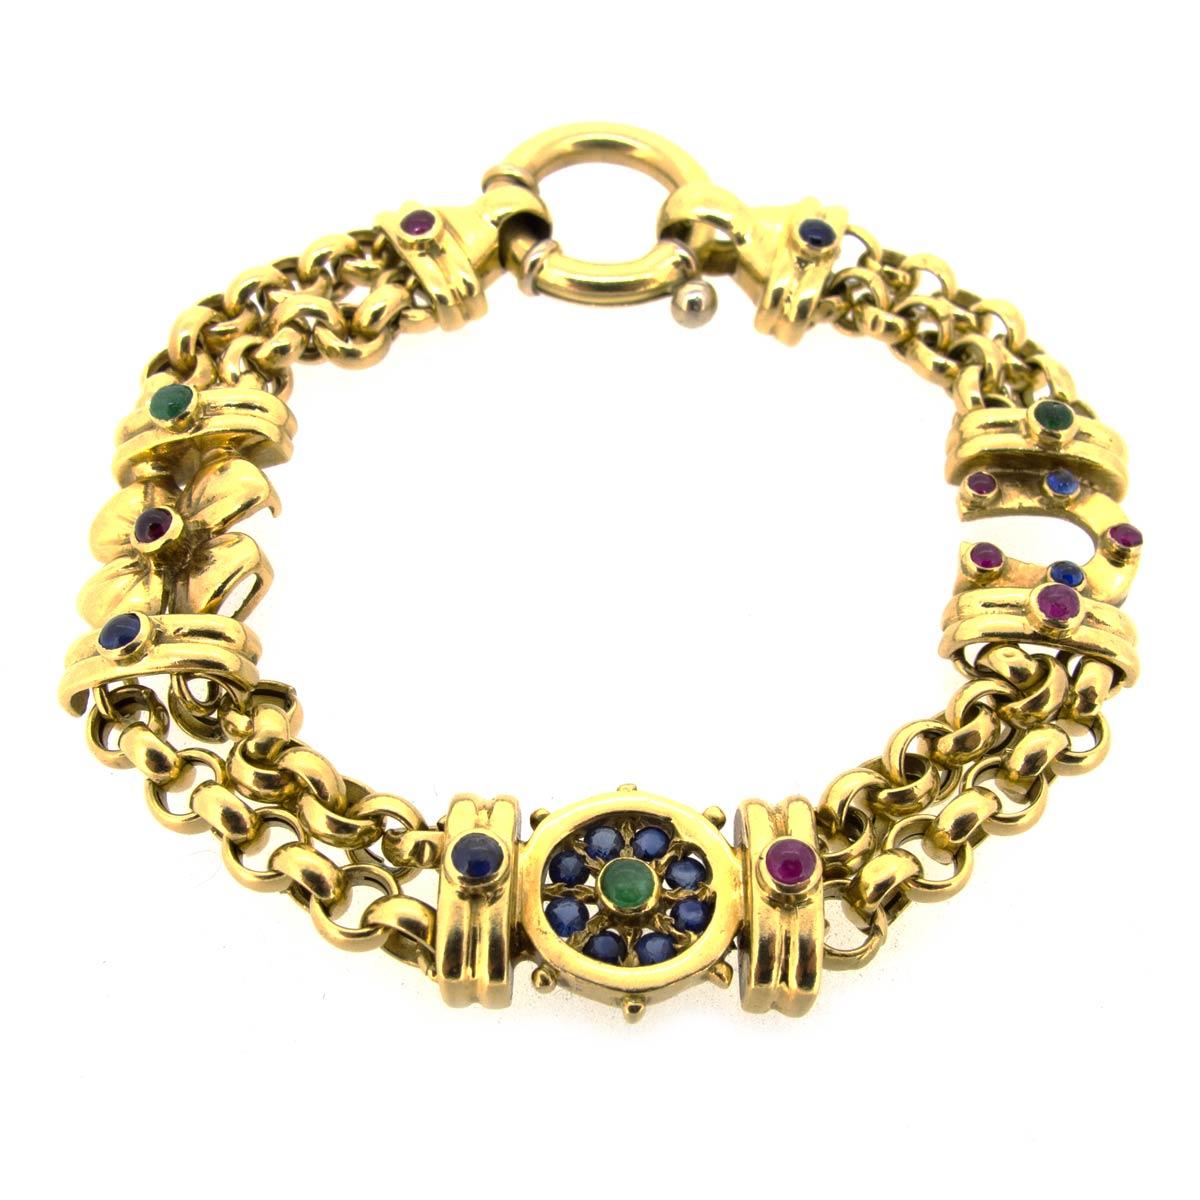 Gold & Gem Bracelet